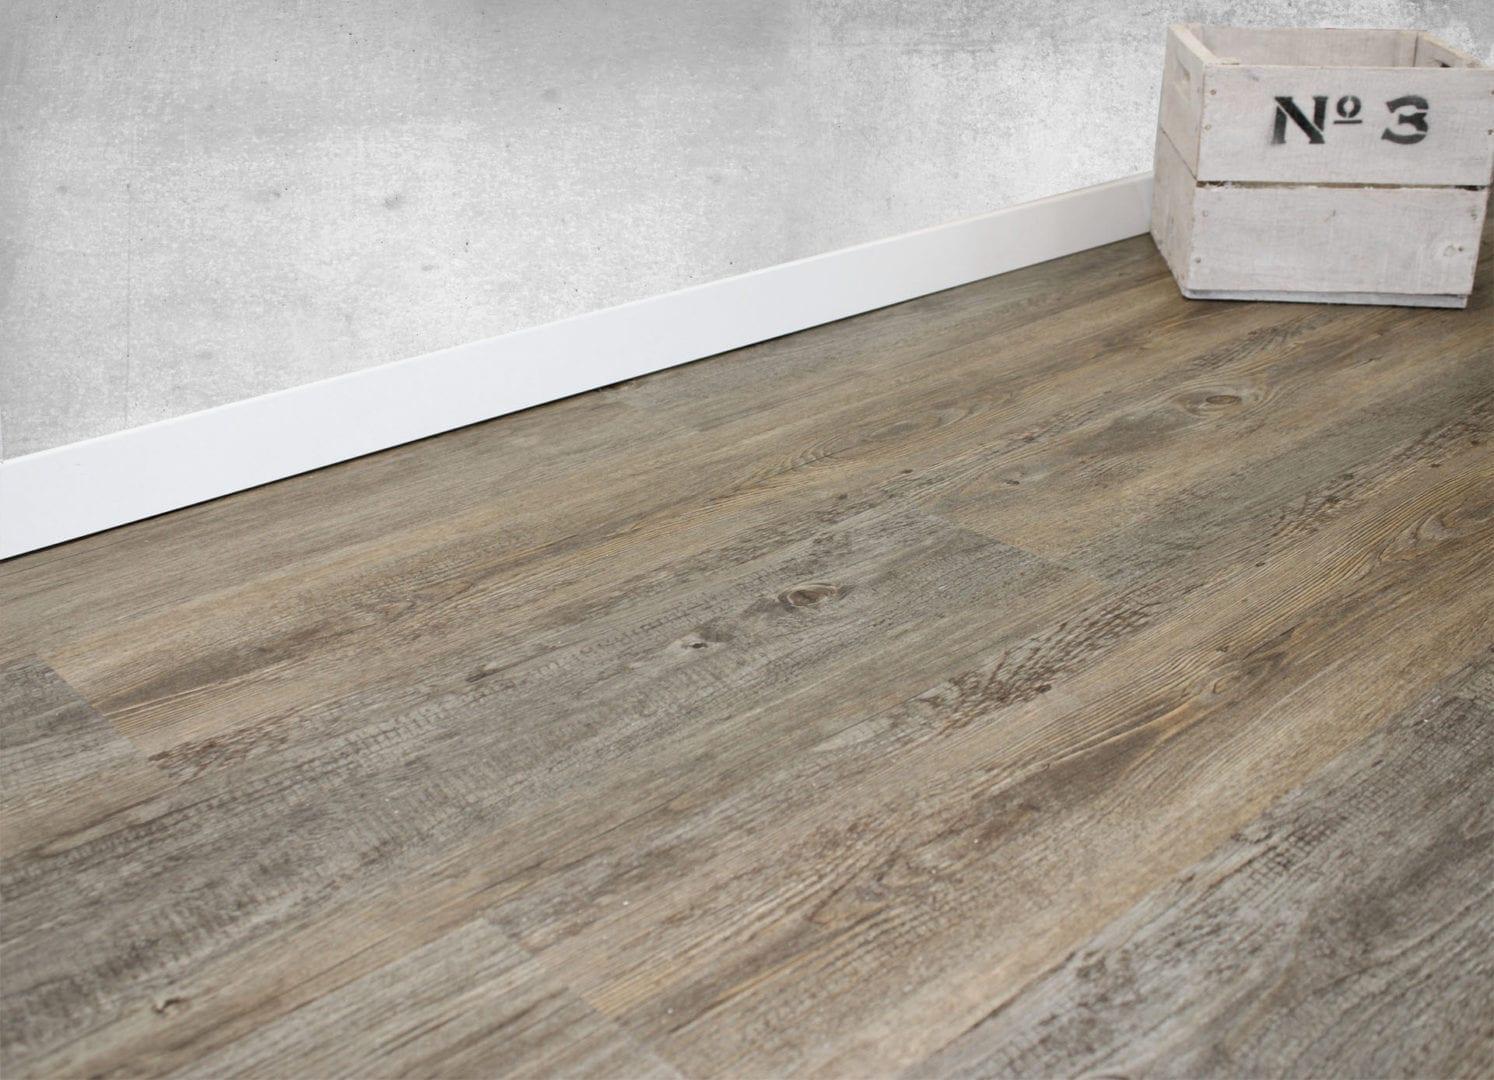 Full Size of Vinylboden Küche Grau Budget New York Fichte Reud Gmbh Ihr Fachhndler Sitzecke Ohne Elektrogeräte Läufer Billig Holzofen Glaswand Miniküche Mit Wohnzimmer Vinylboden Küche Grau